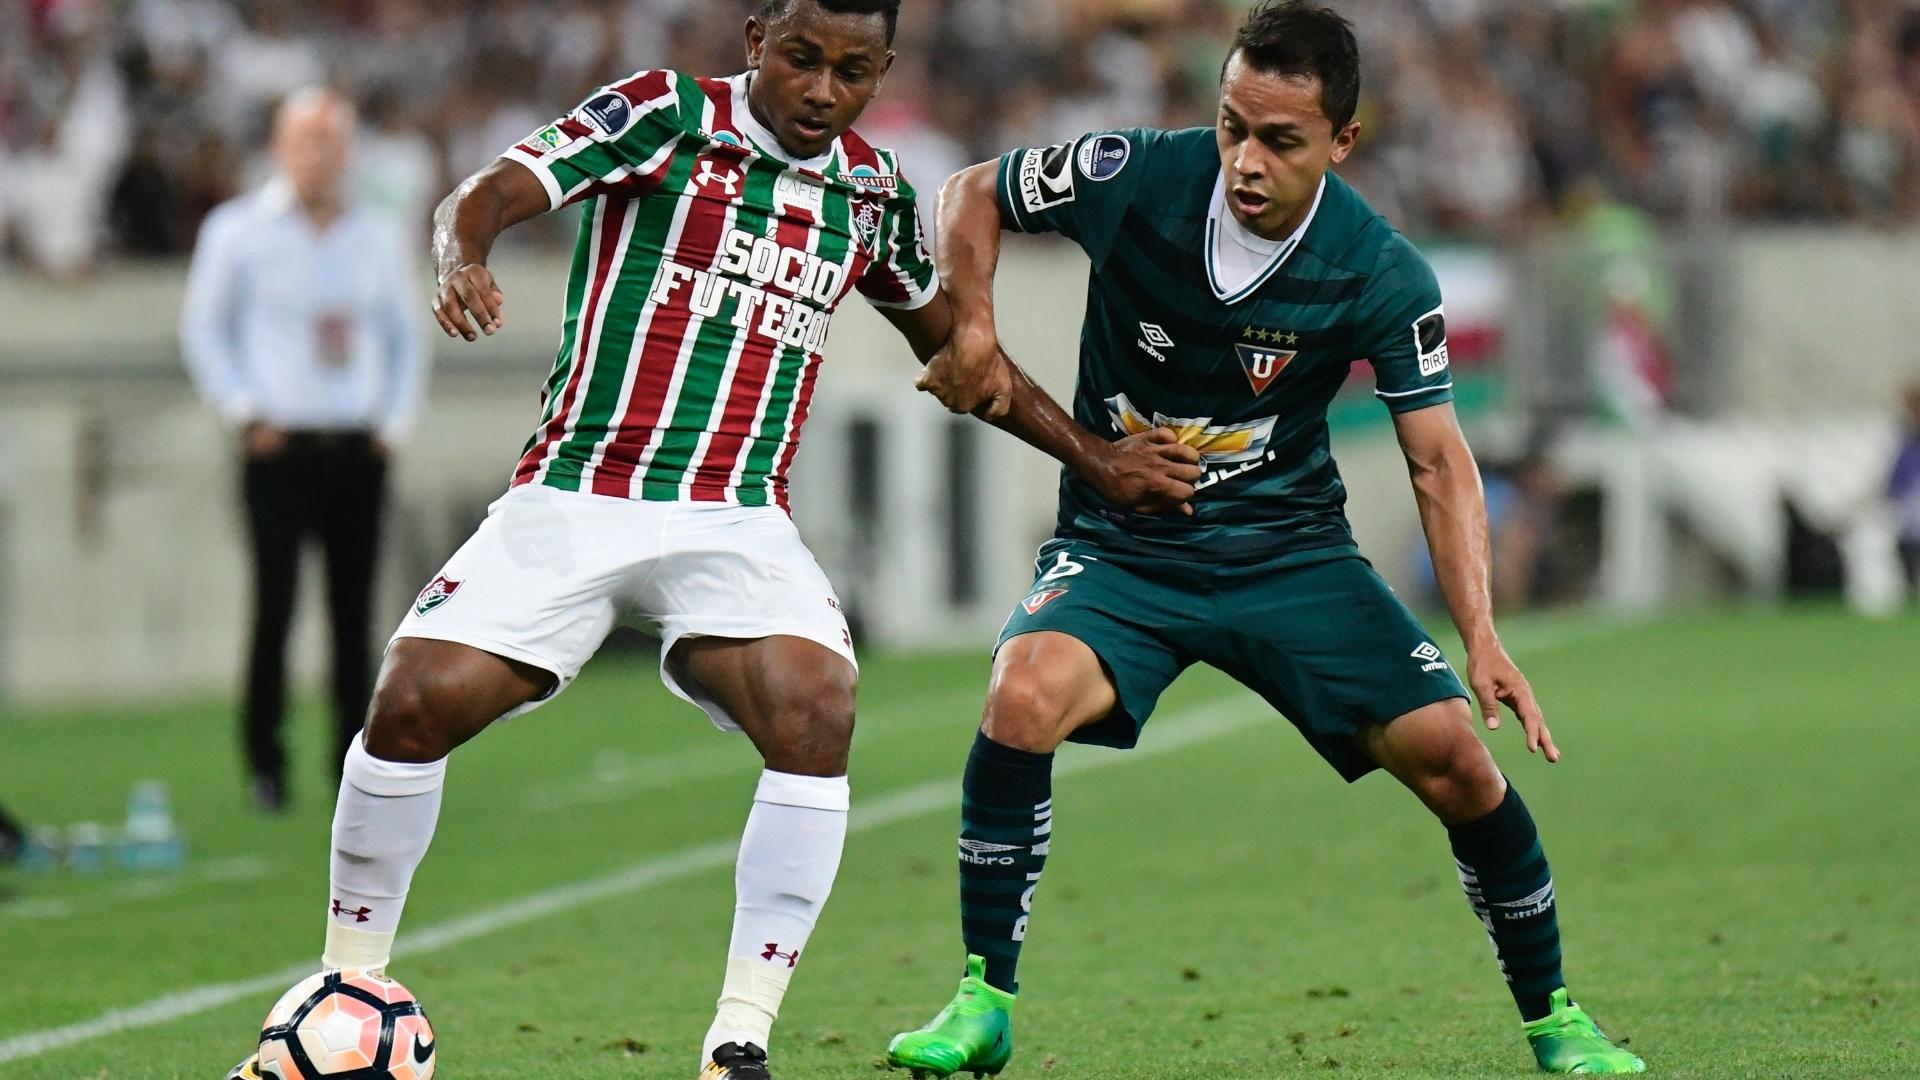 Wendel em ação pelo Fluminense contra a LDU